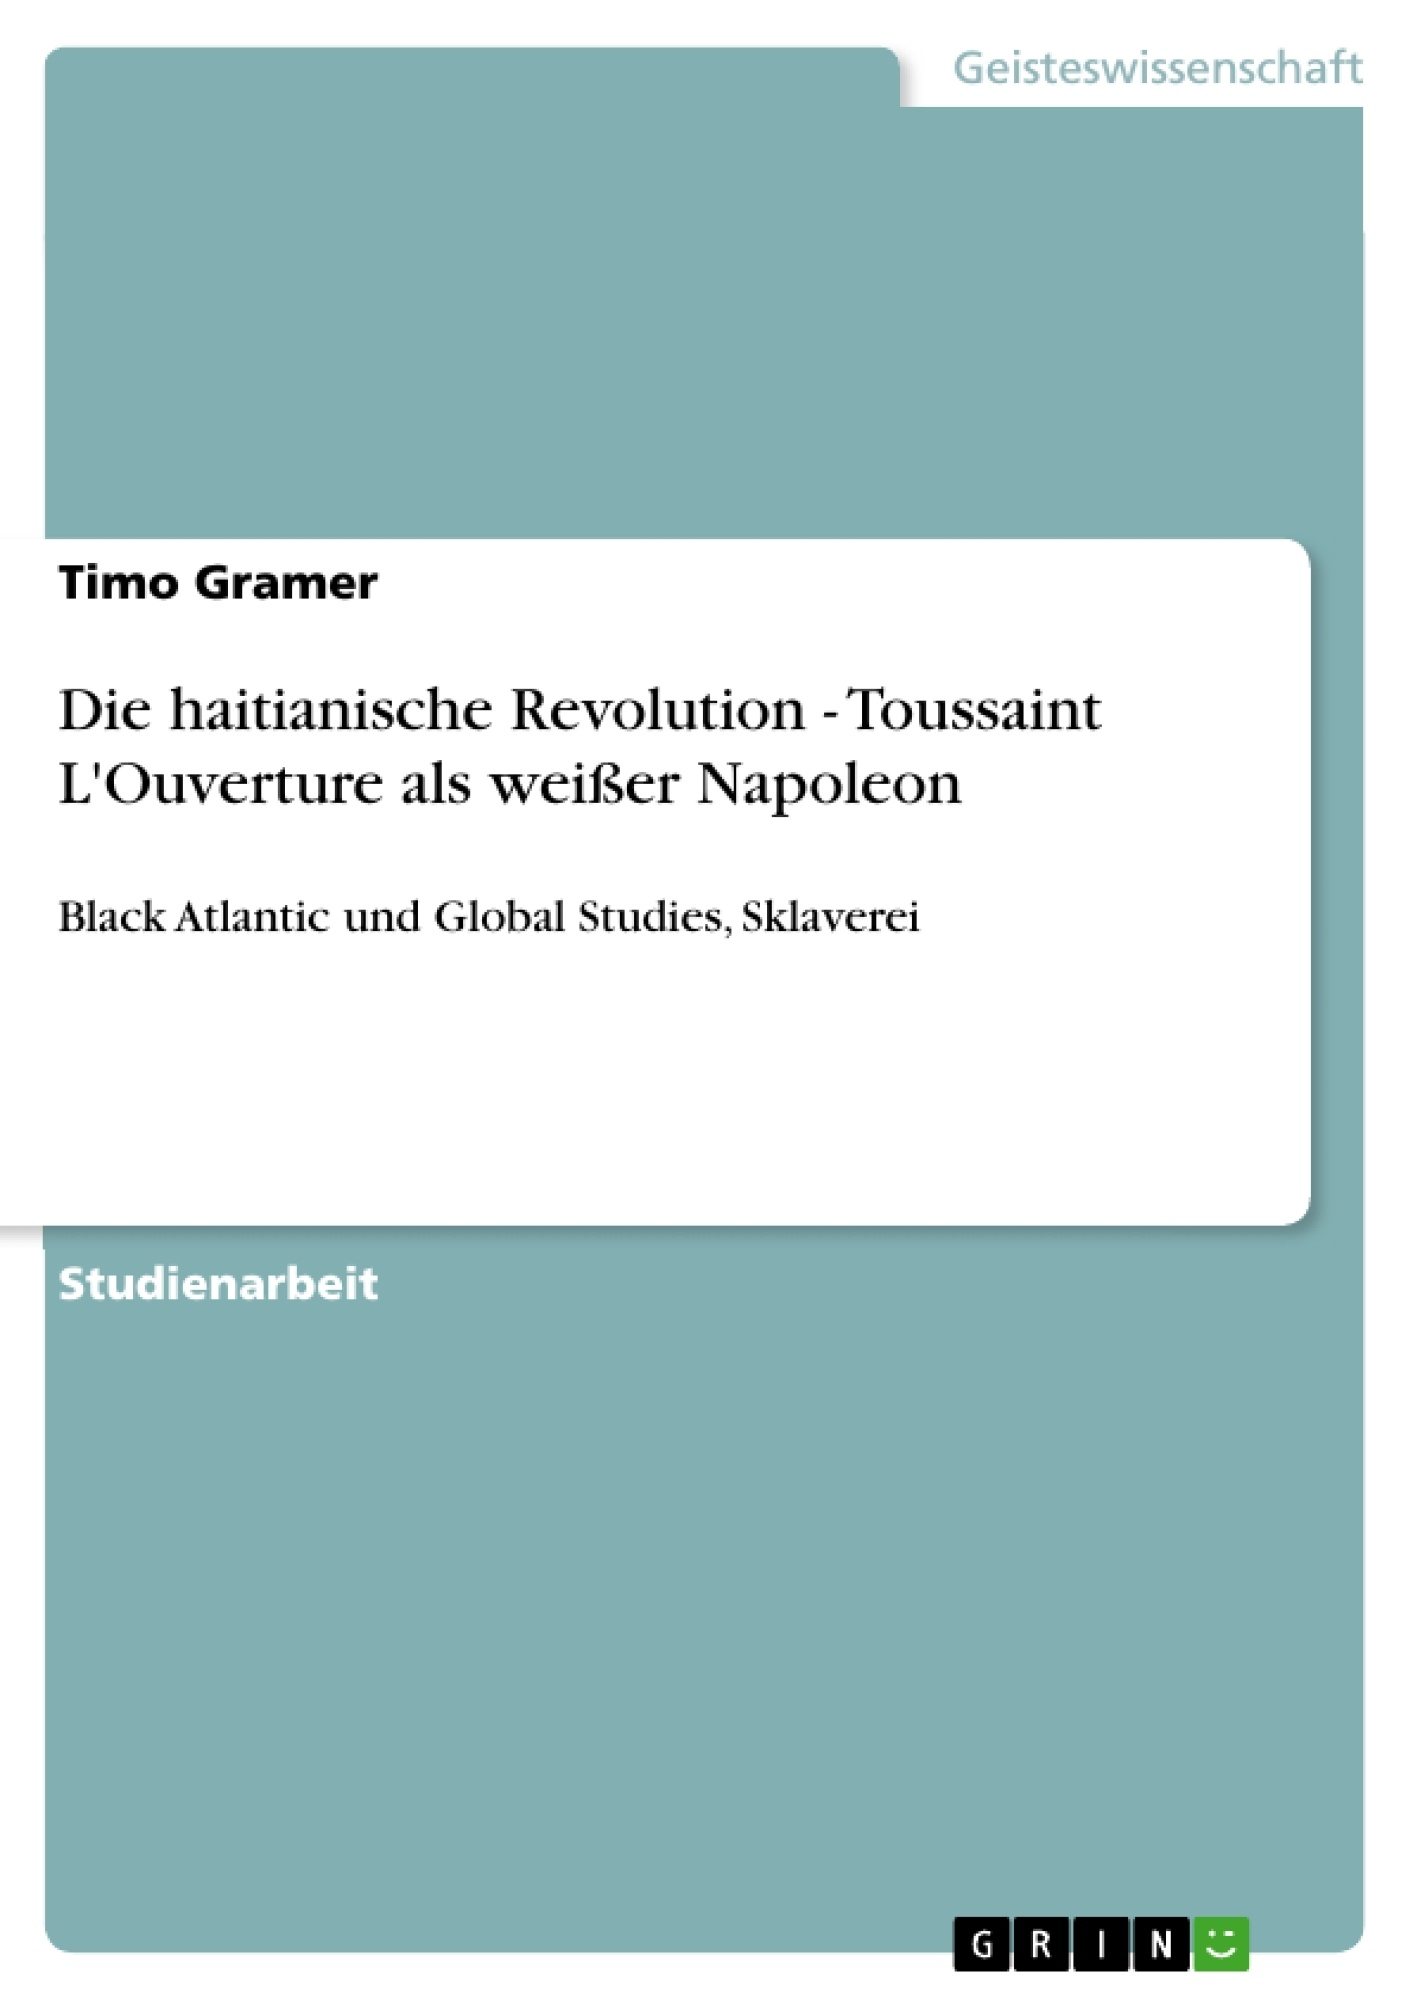 Titel: Die haitianische Revolution - Toussaint L'Ouverture als weißer Napoleon